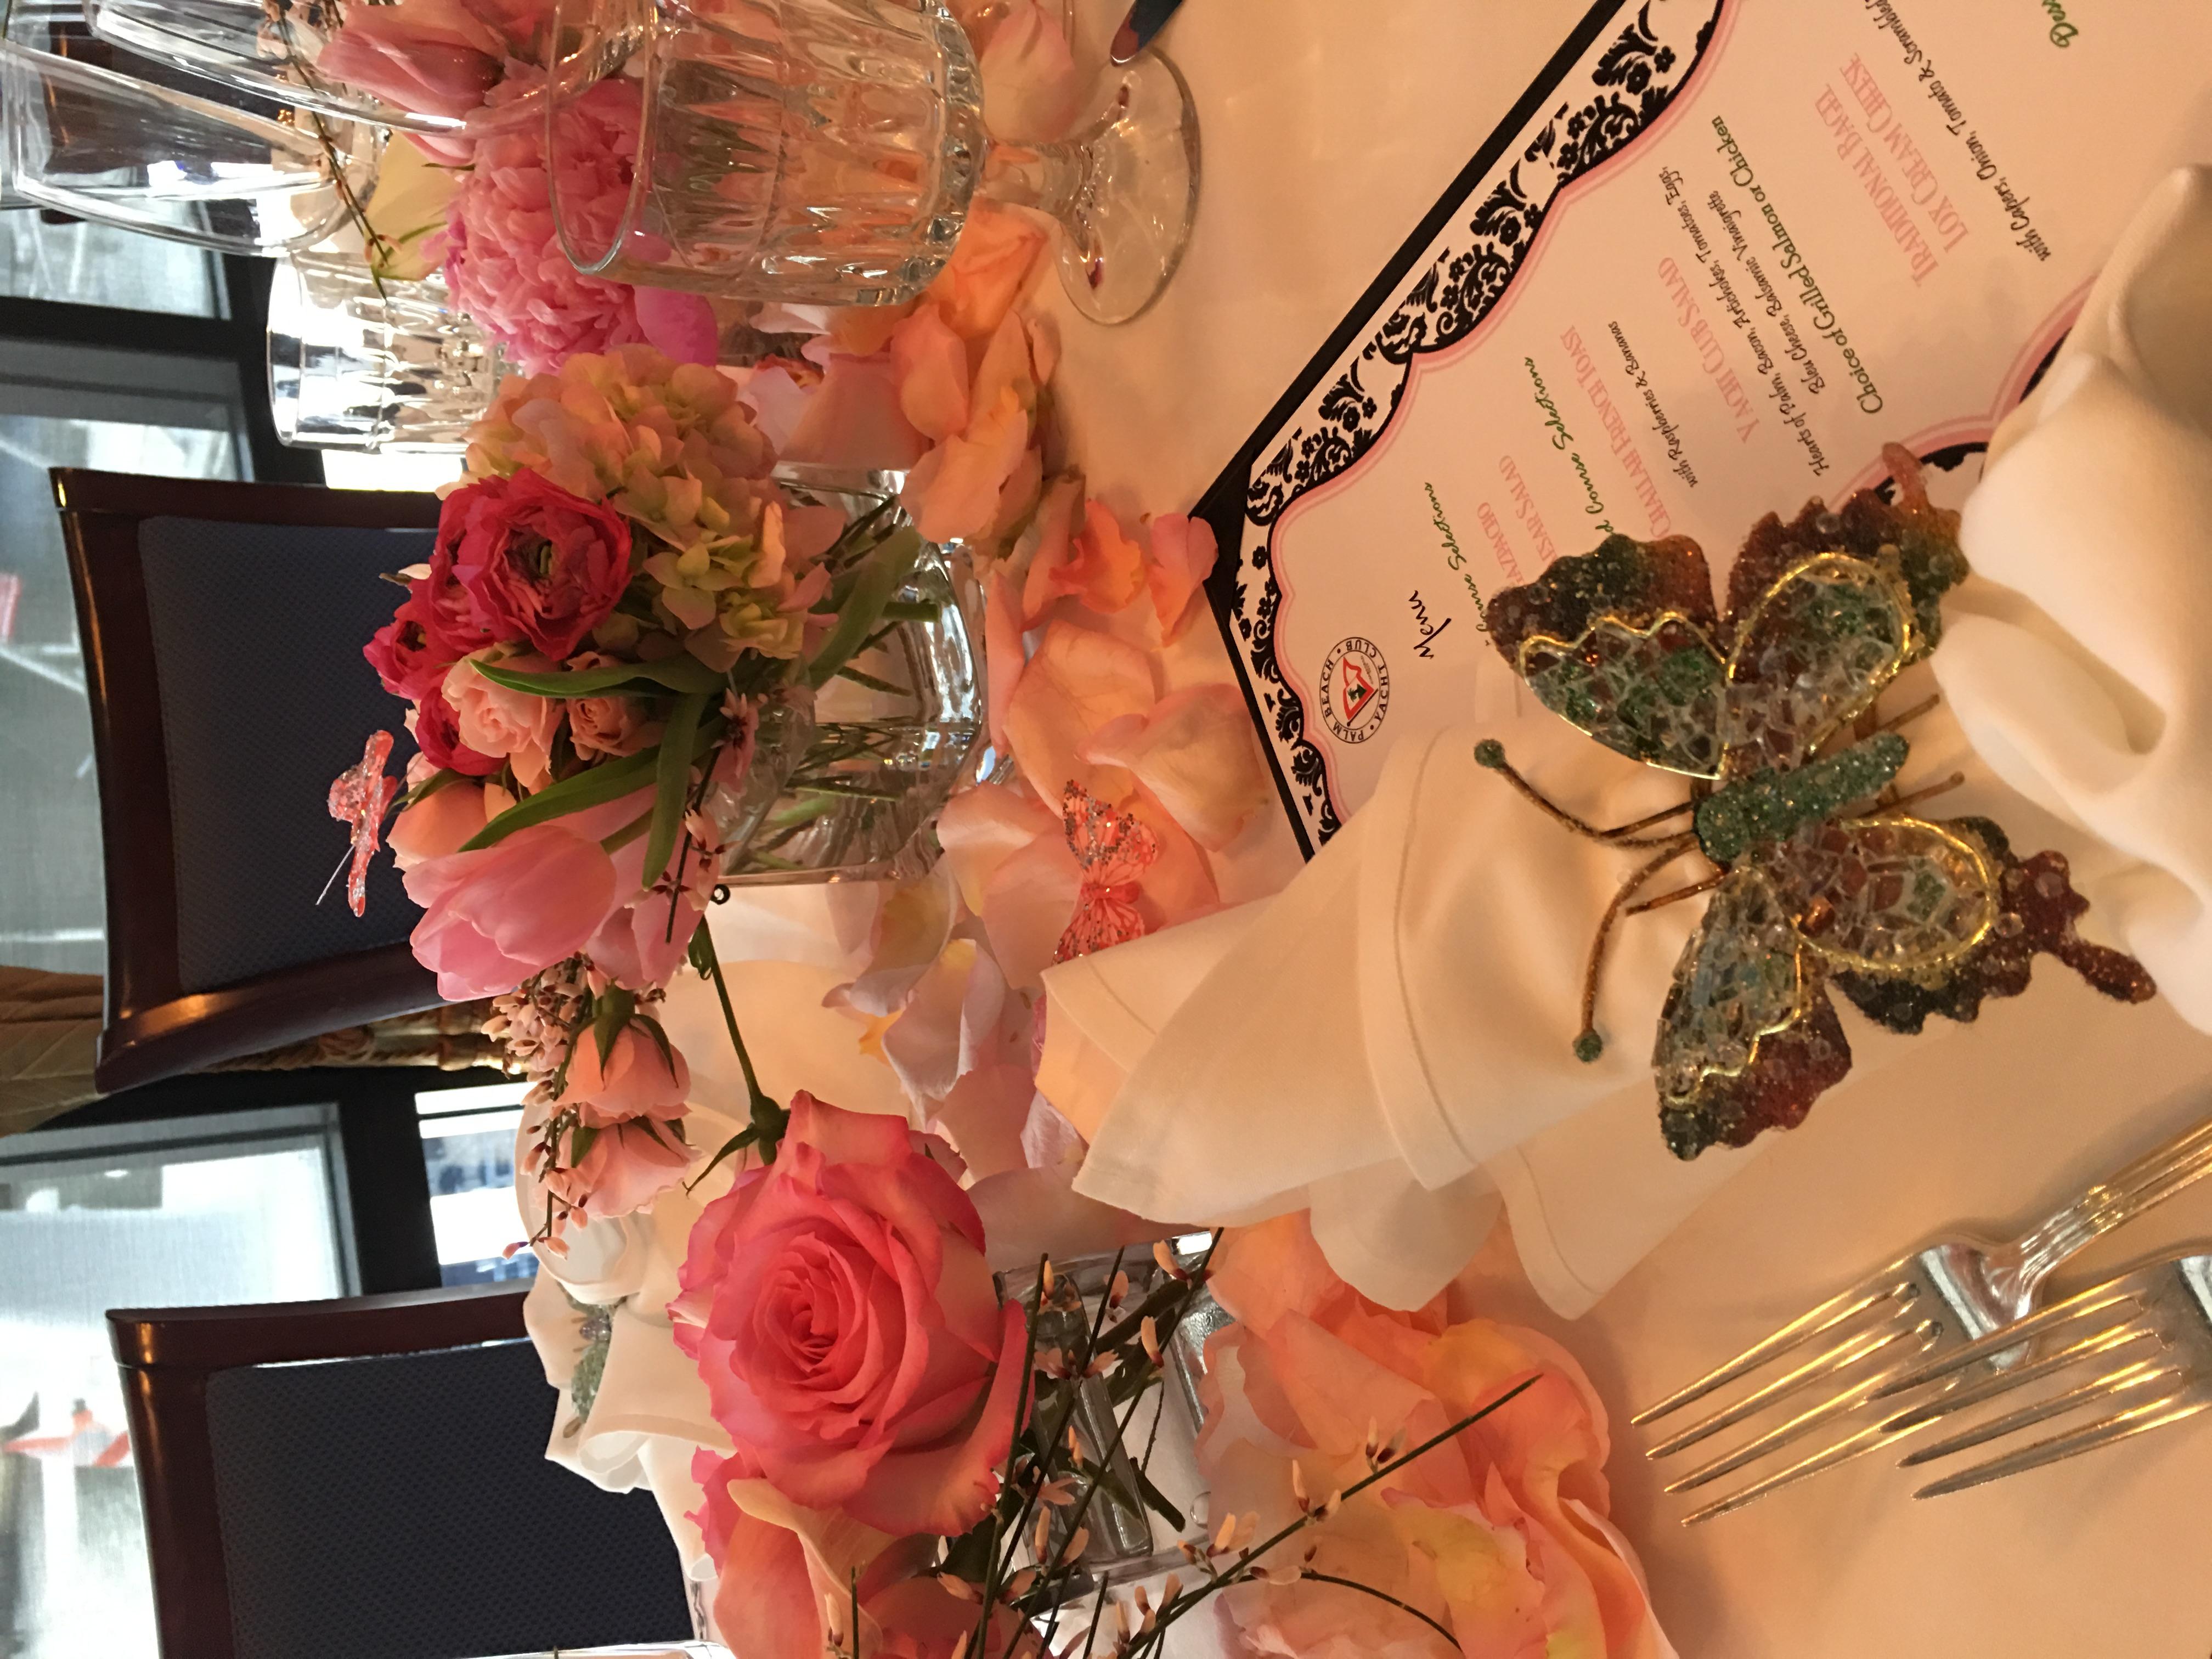 Fancy Pink Roses at Dinner! Velene's Floral